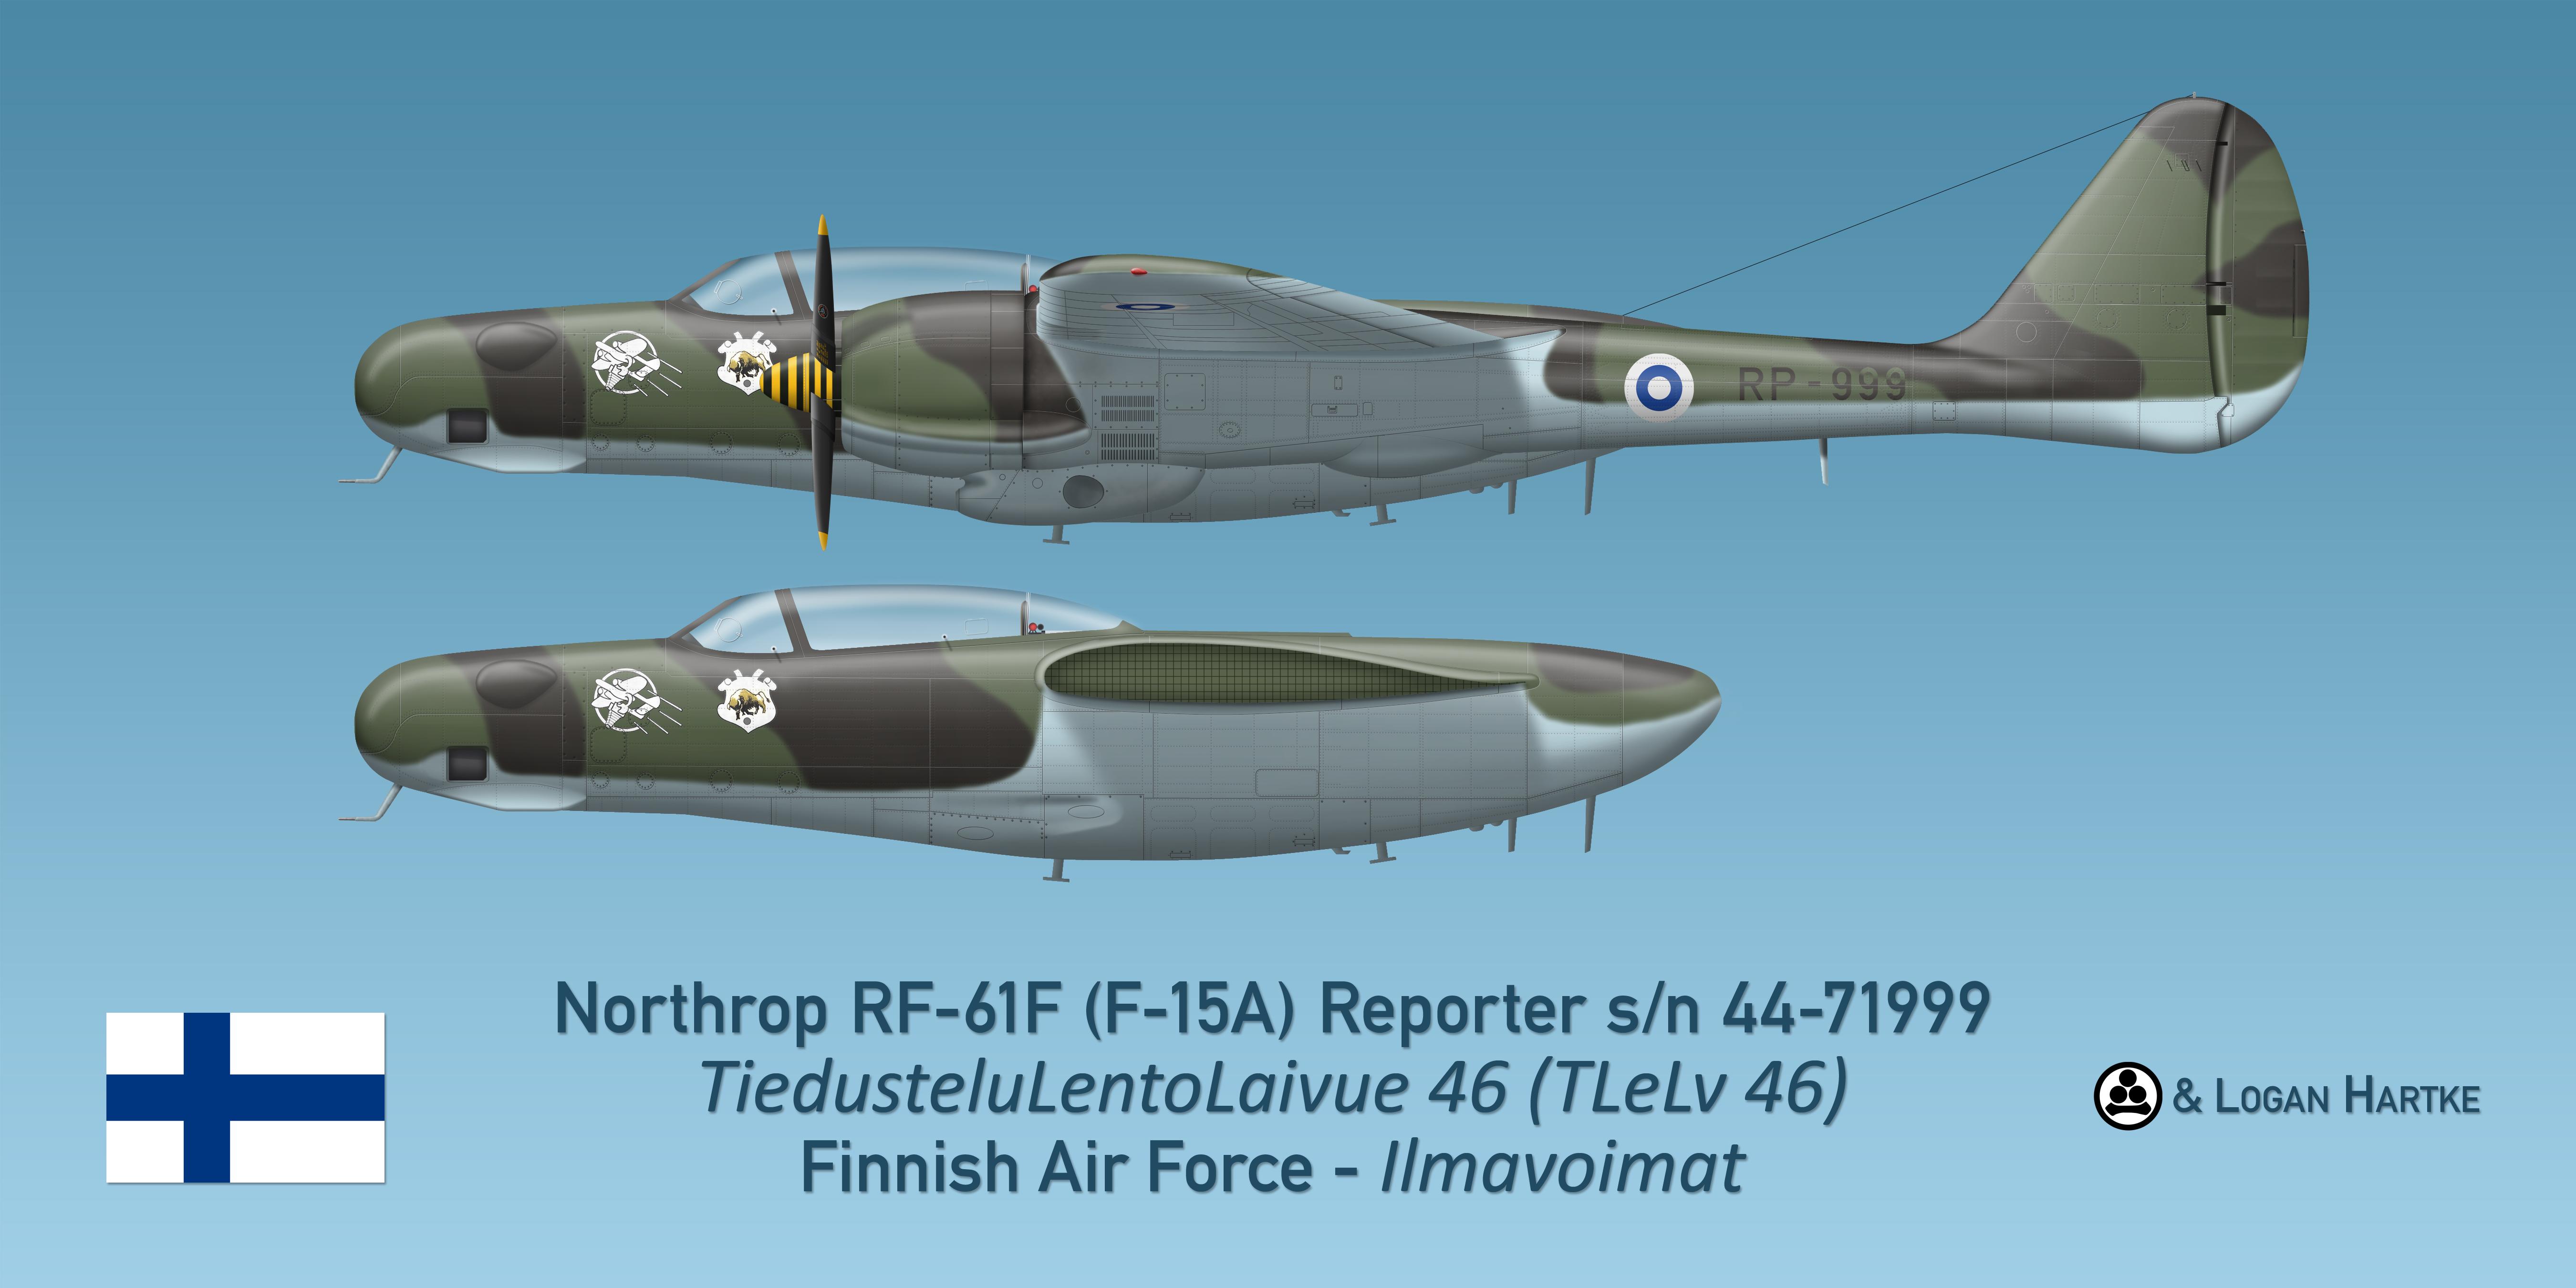 Finnish RF-61F Reporter - Erkki Itavuori